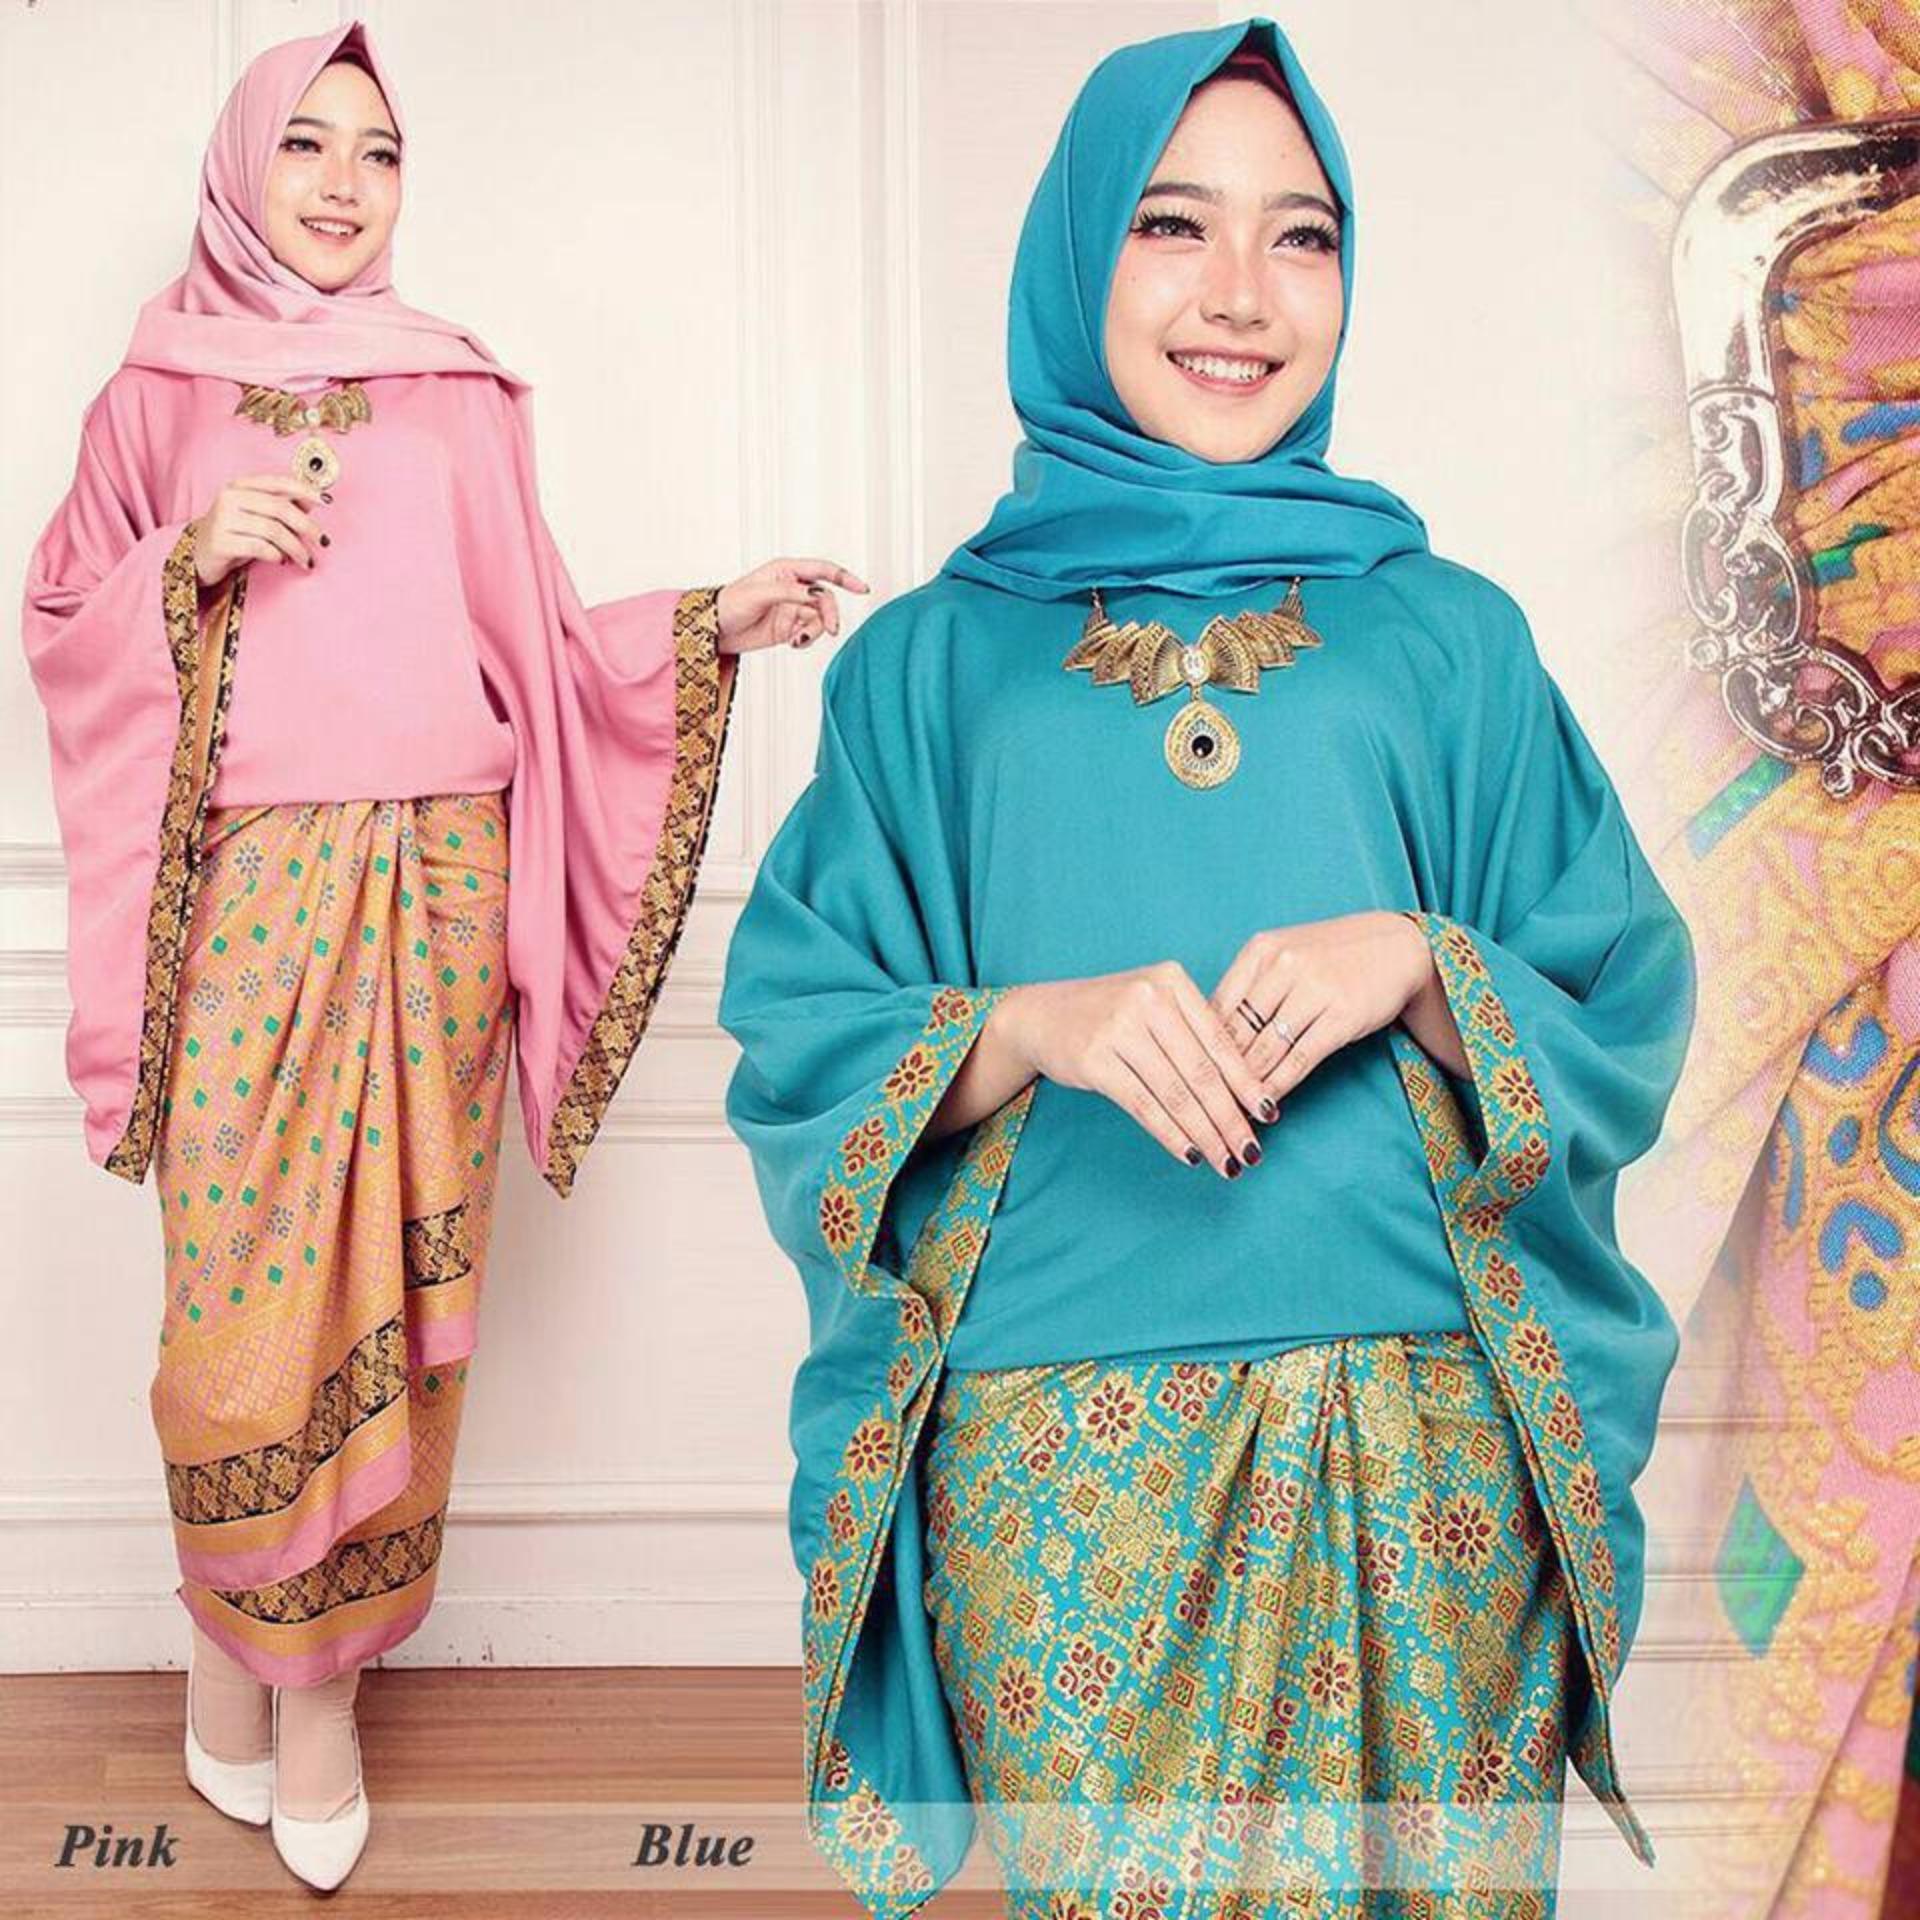 Baju Setelan Batik Wanita: MURAH Stelan Baju Batik Wanita / Kebaya Kalong Couple